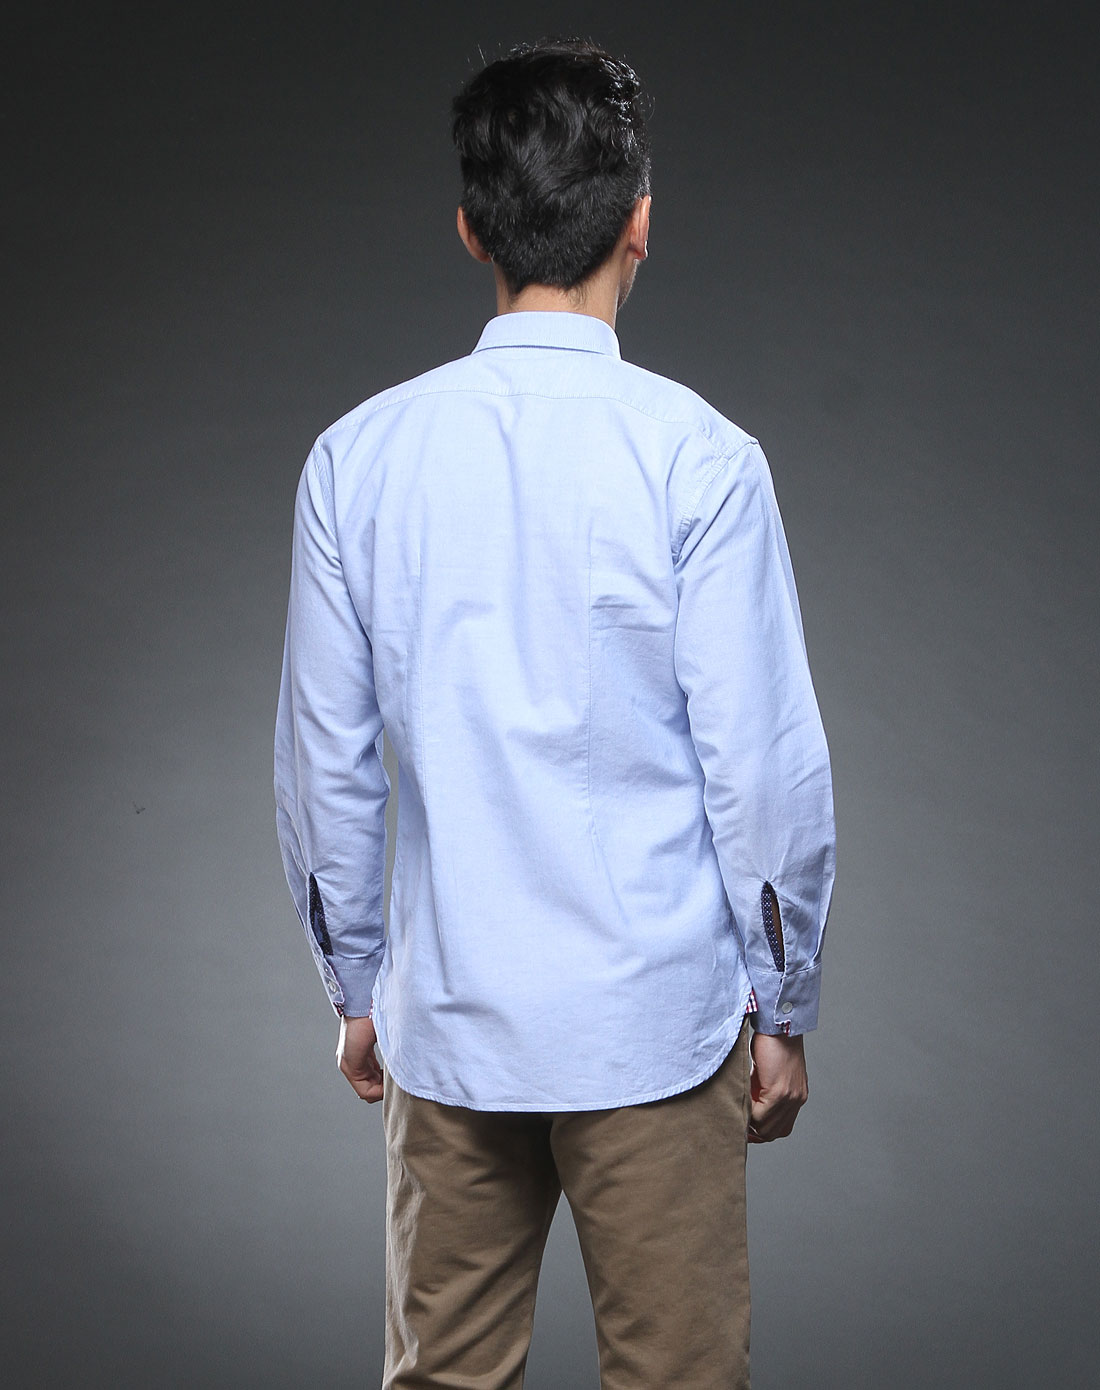 浅蓝色纯色长袖衬衫